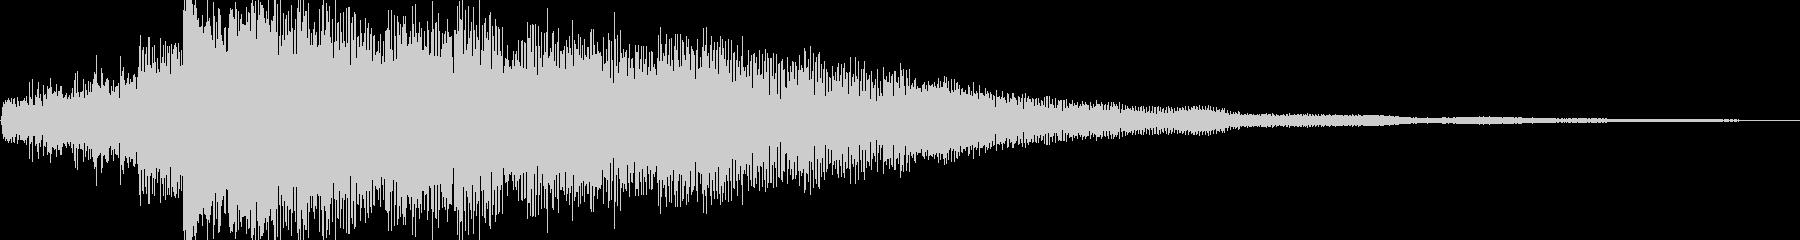 ピアノ/アンビエント/静寂/サウンドロゴの未再生の波形